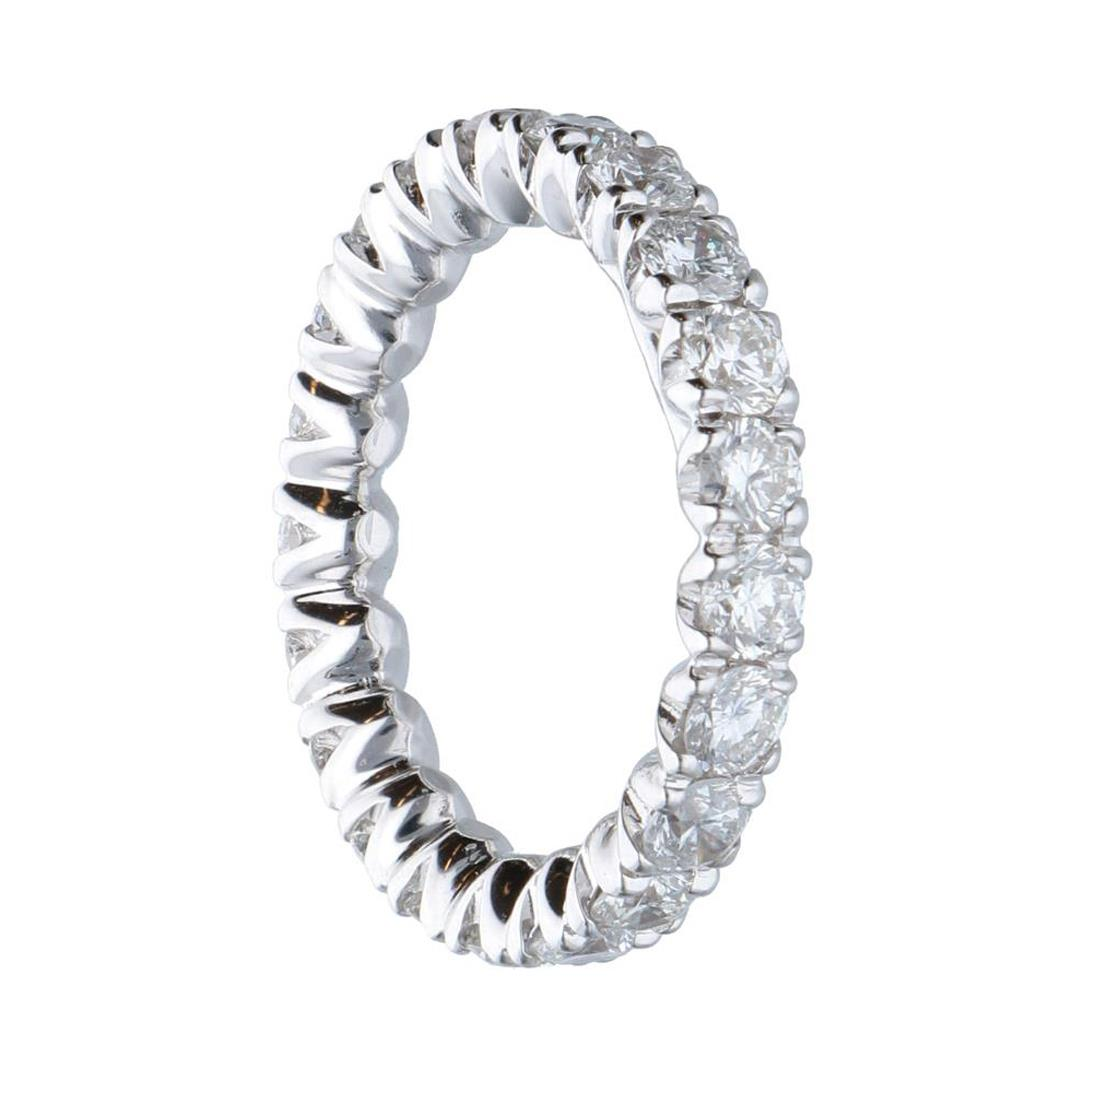 Anello eternity in oro bianco con diamanti 2.31 ct mis 12 - ALFIERI & ST. JOHN